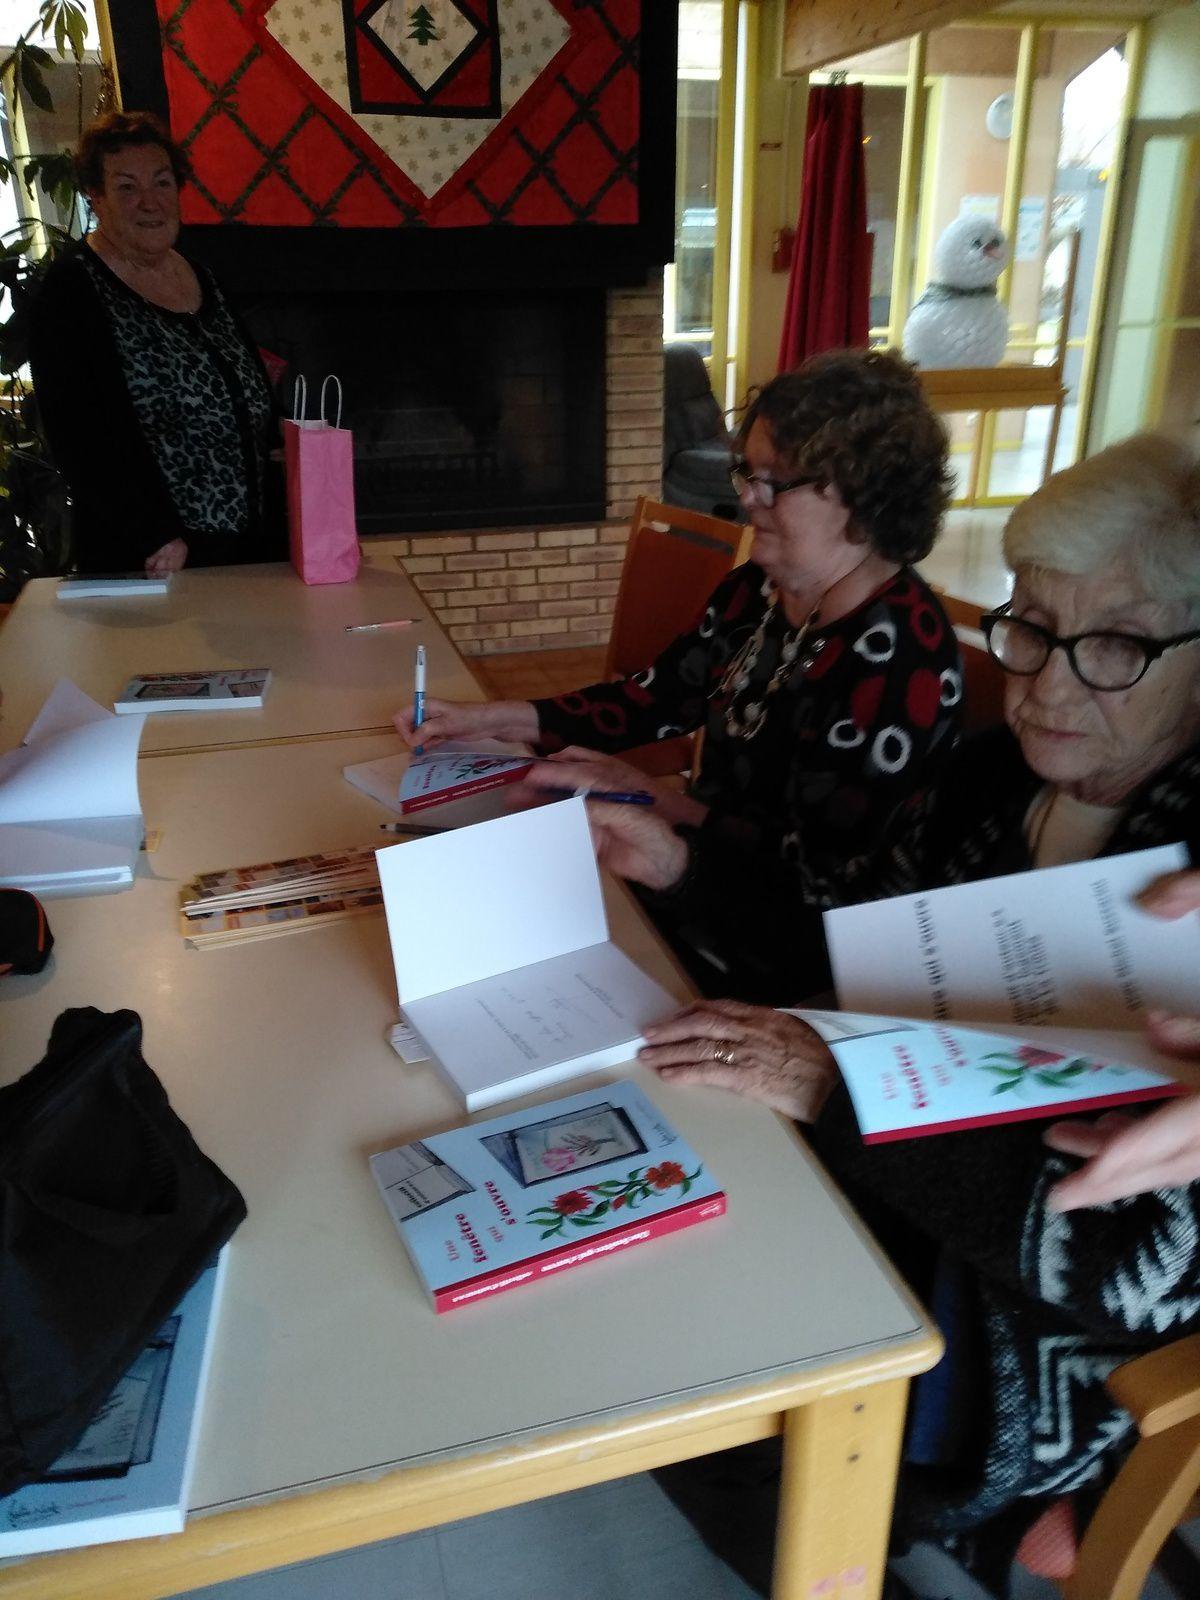 Les Residents Editent Leur Premier Livre Une Fenetrre Qui S